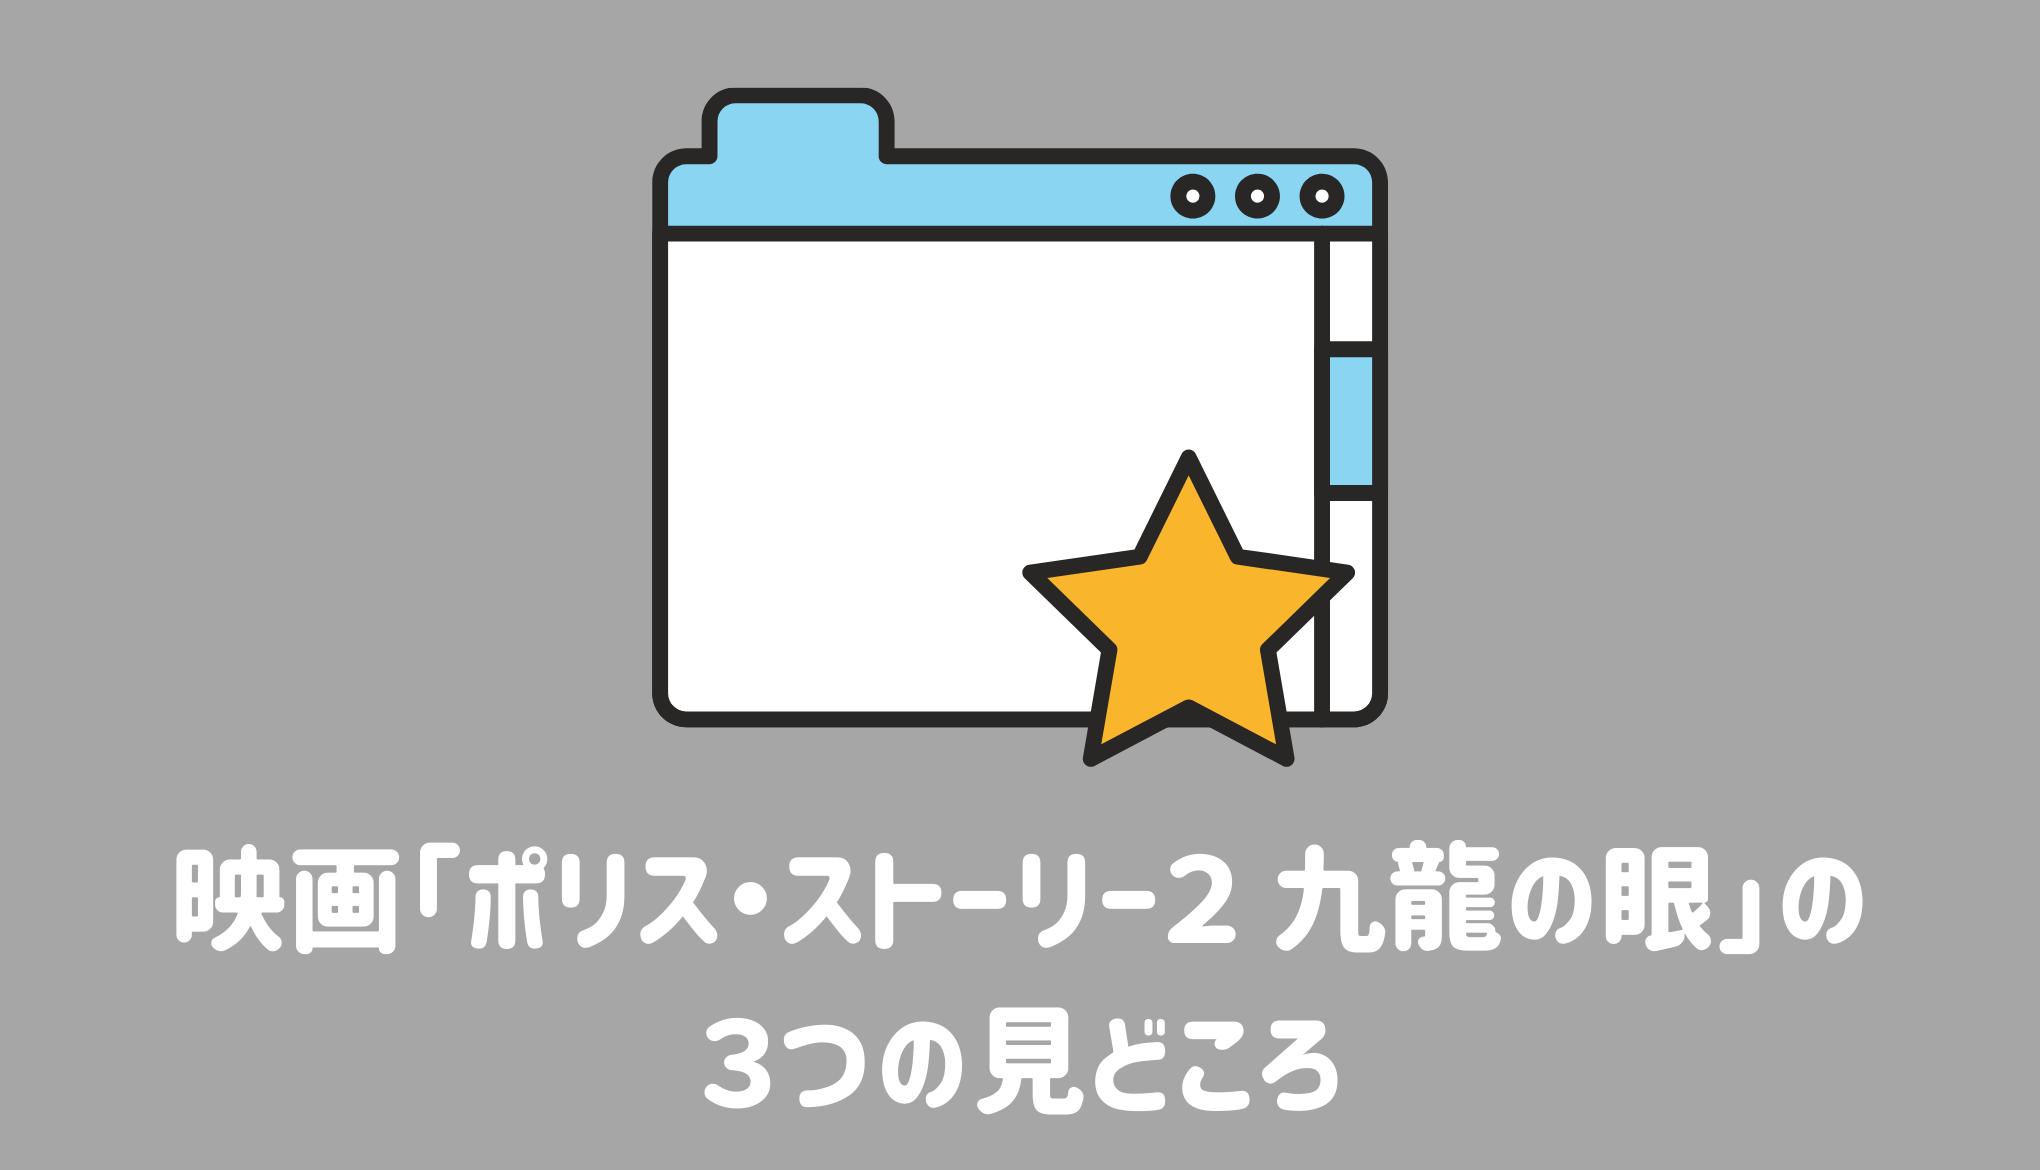 映画「ポリス・ストーリー2 九龍の眼」の見どころ